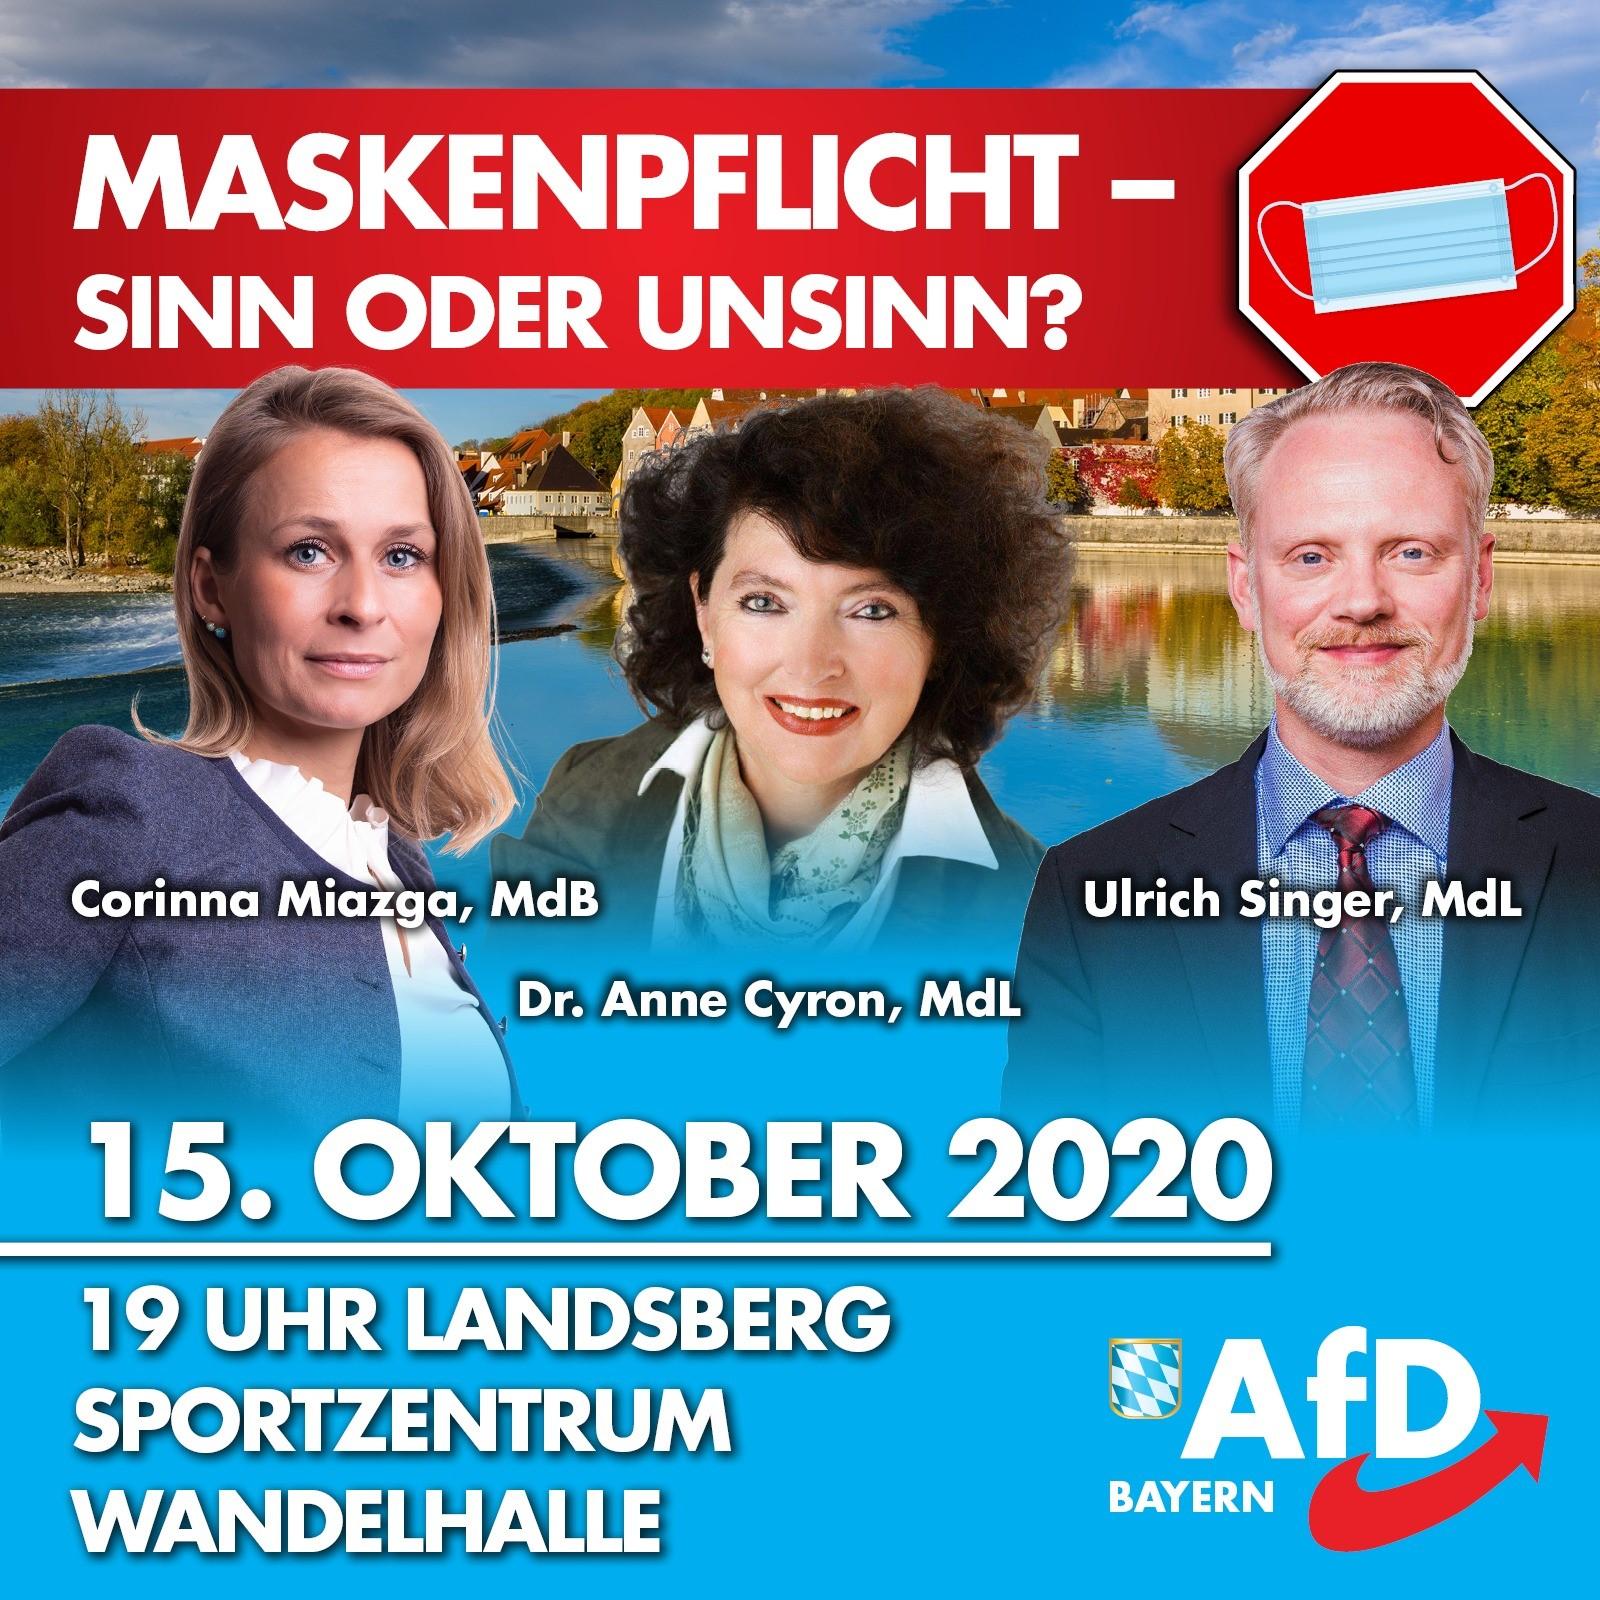 15. Oktober 2020 via Edeltraut KV, Sport- und Veranstaltungszentrum Landsberg am Lech